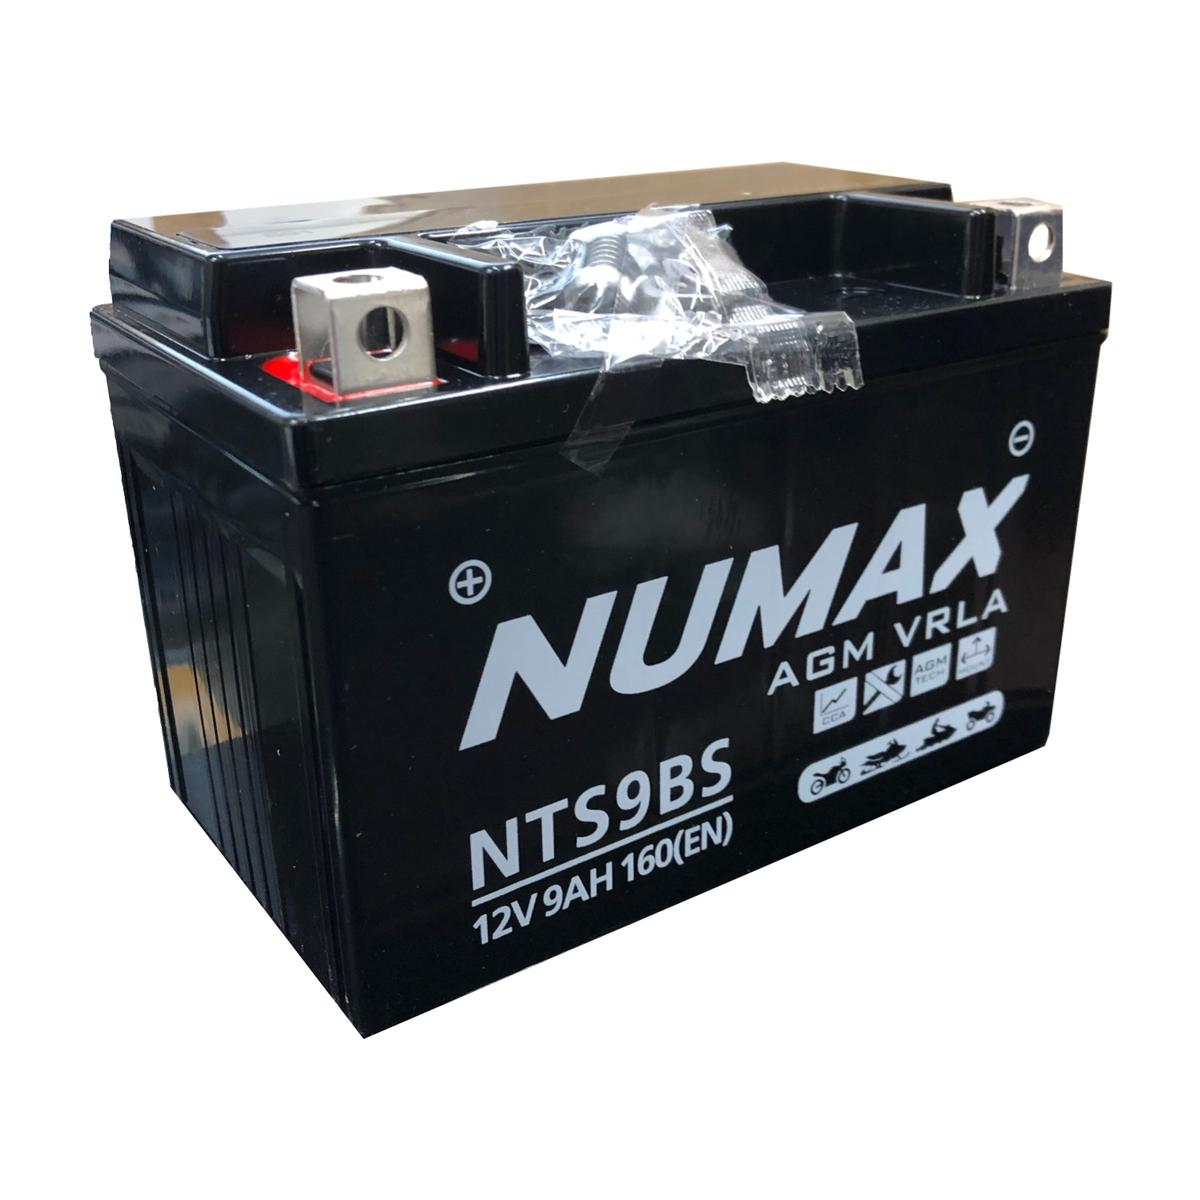 Numax NTS9BS 12v Motorbike Bike Battery KAWASAKI 750cc KZ750 L Ninja YXT9-4